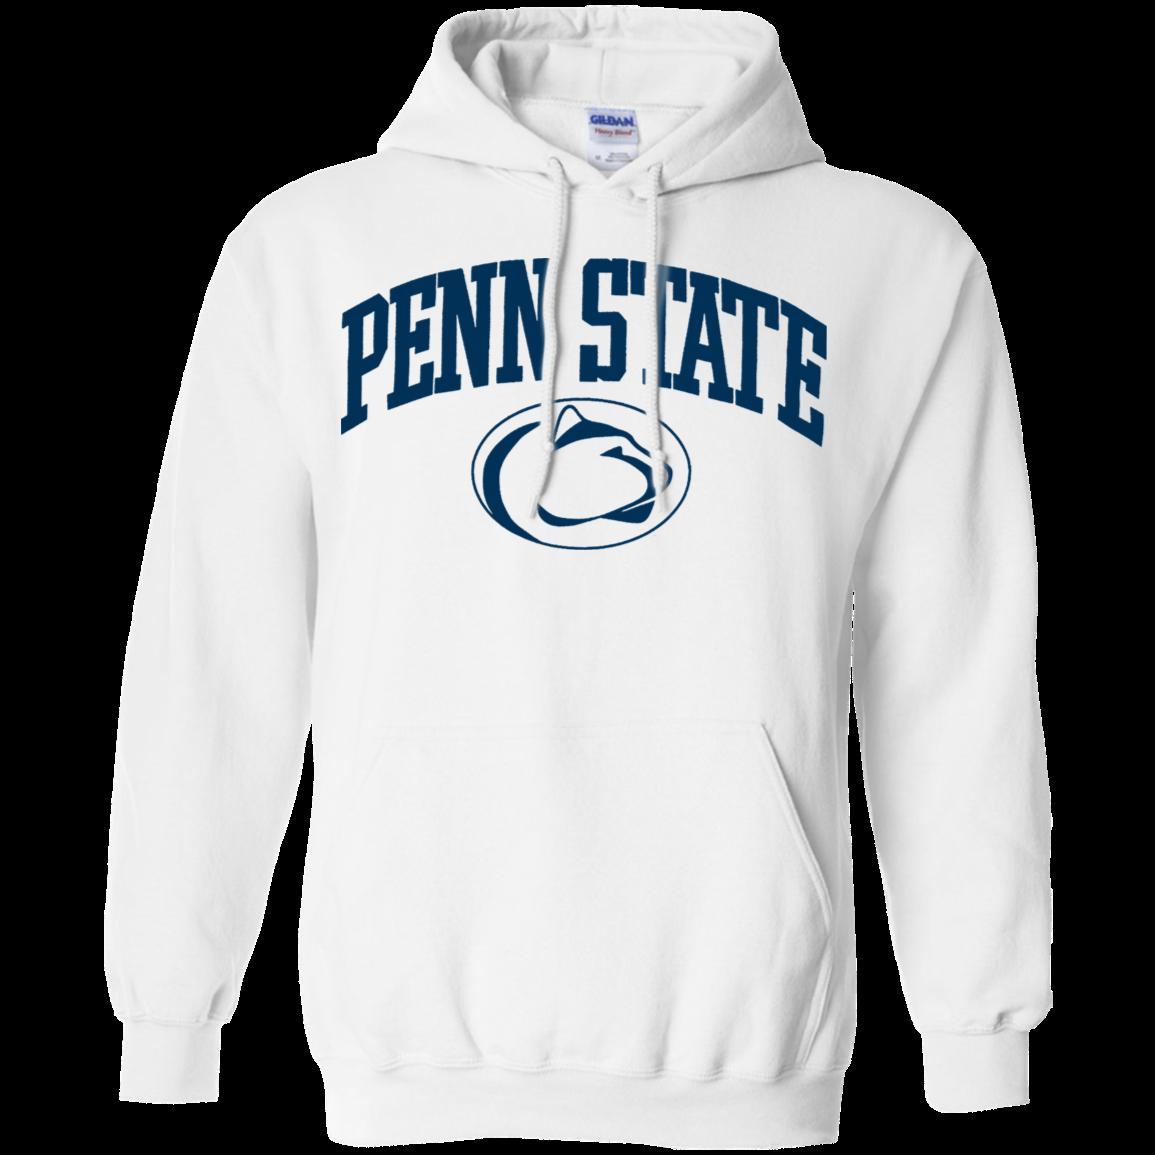 Penn State White Out Hoodie White White White Hoodie Penn State White Out Hoodies [ 1155 x 1155 Pixel ]